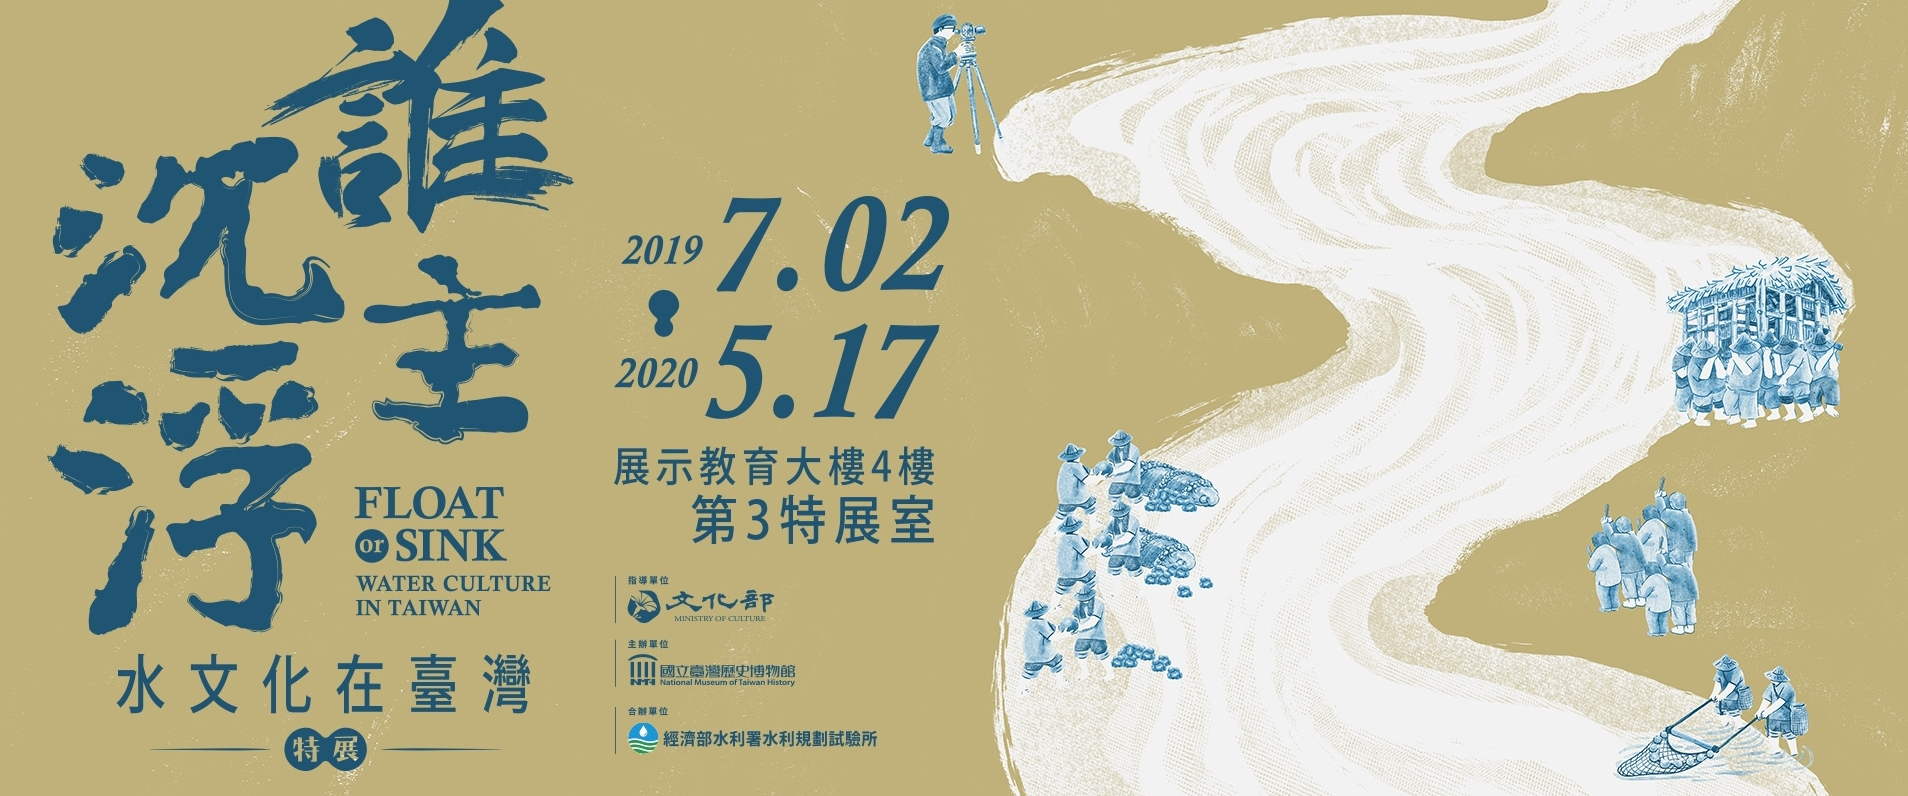 「浮沈のカギを握るのは?:台湾における水文化」特別展[另開新視窗]